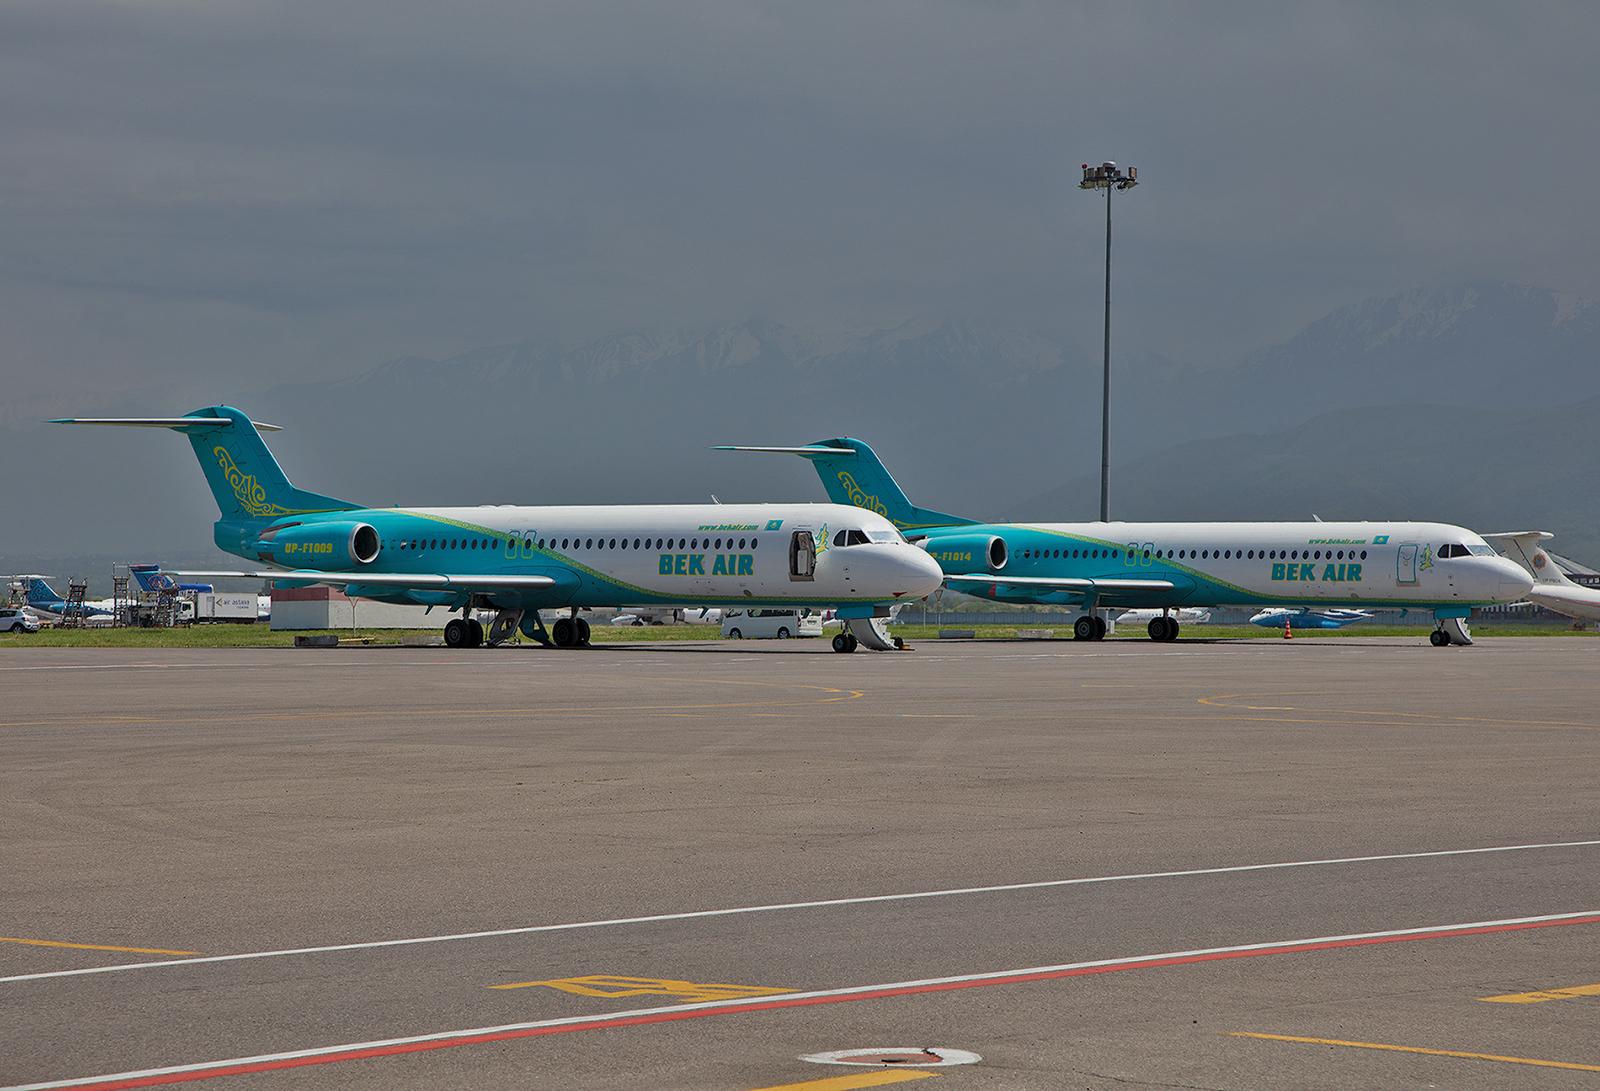 Zwei Fokker 100 von Bek Air auf der Rampe.